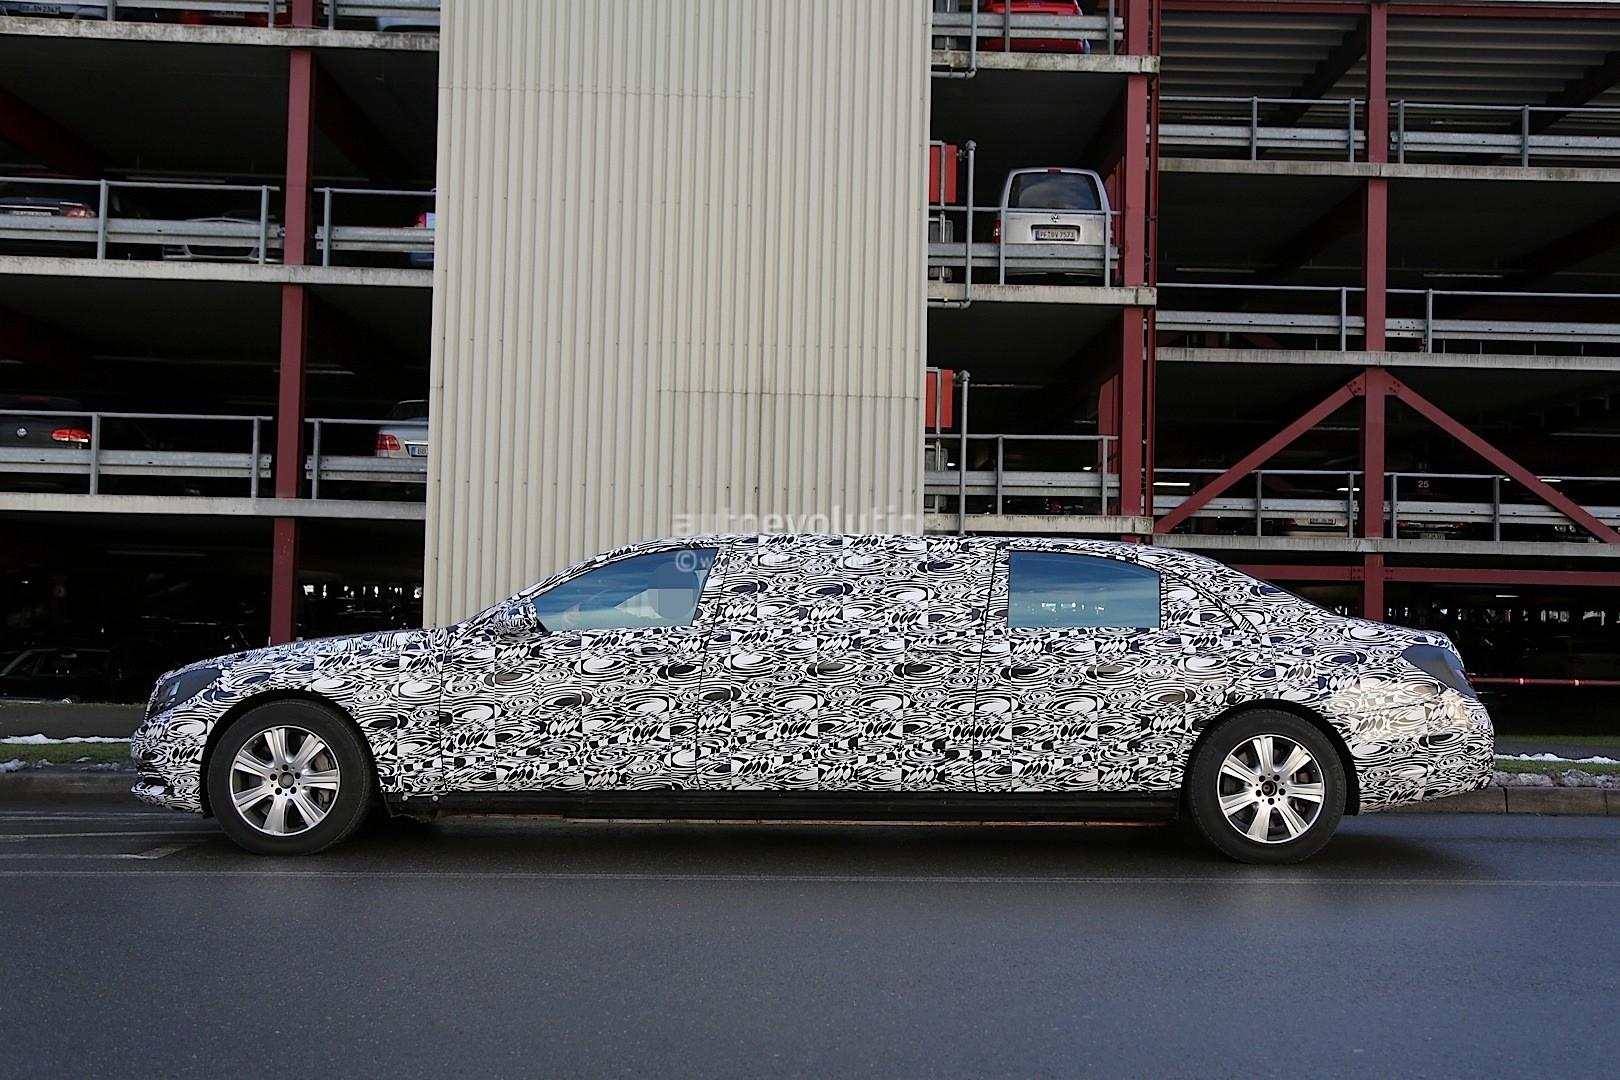 2016 mercedes benz s600 pullman interior spyshots show for Mercedes benz 600 price